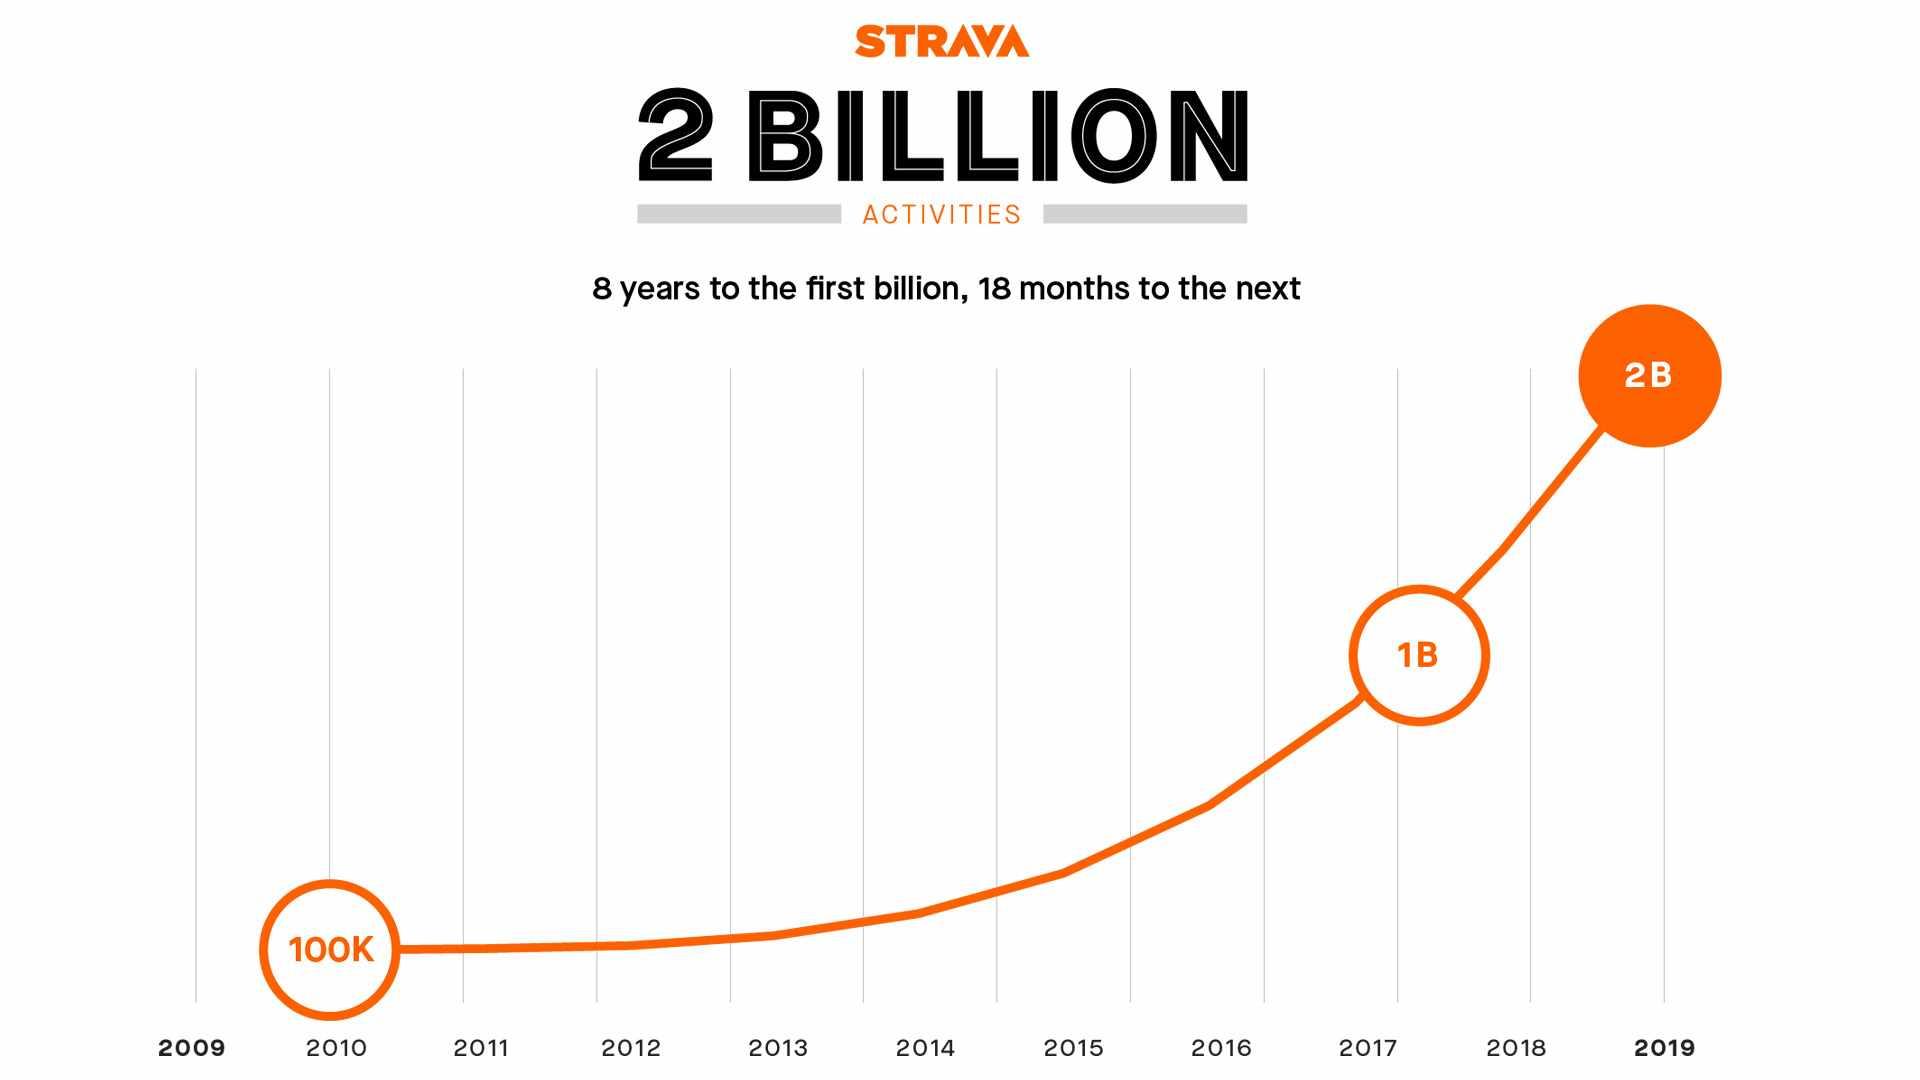 Over 2 billion activities were uploaded to Strava in 2018